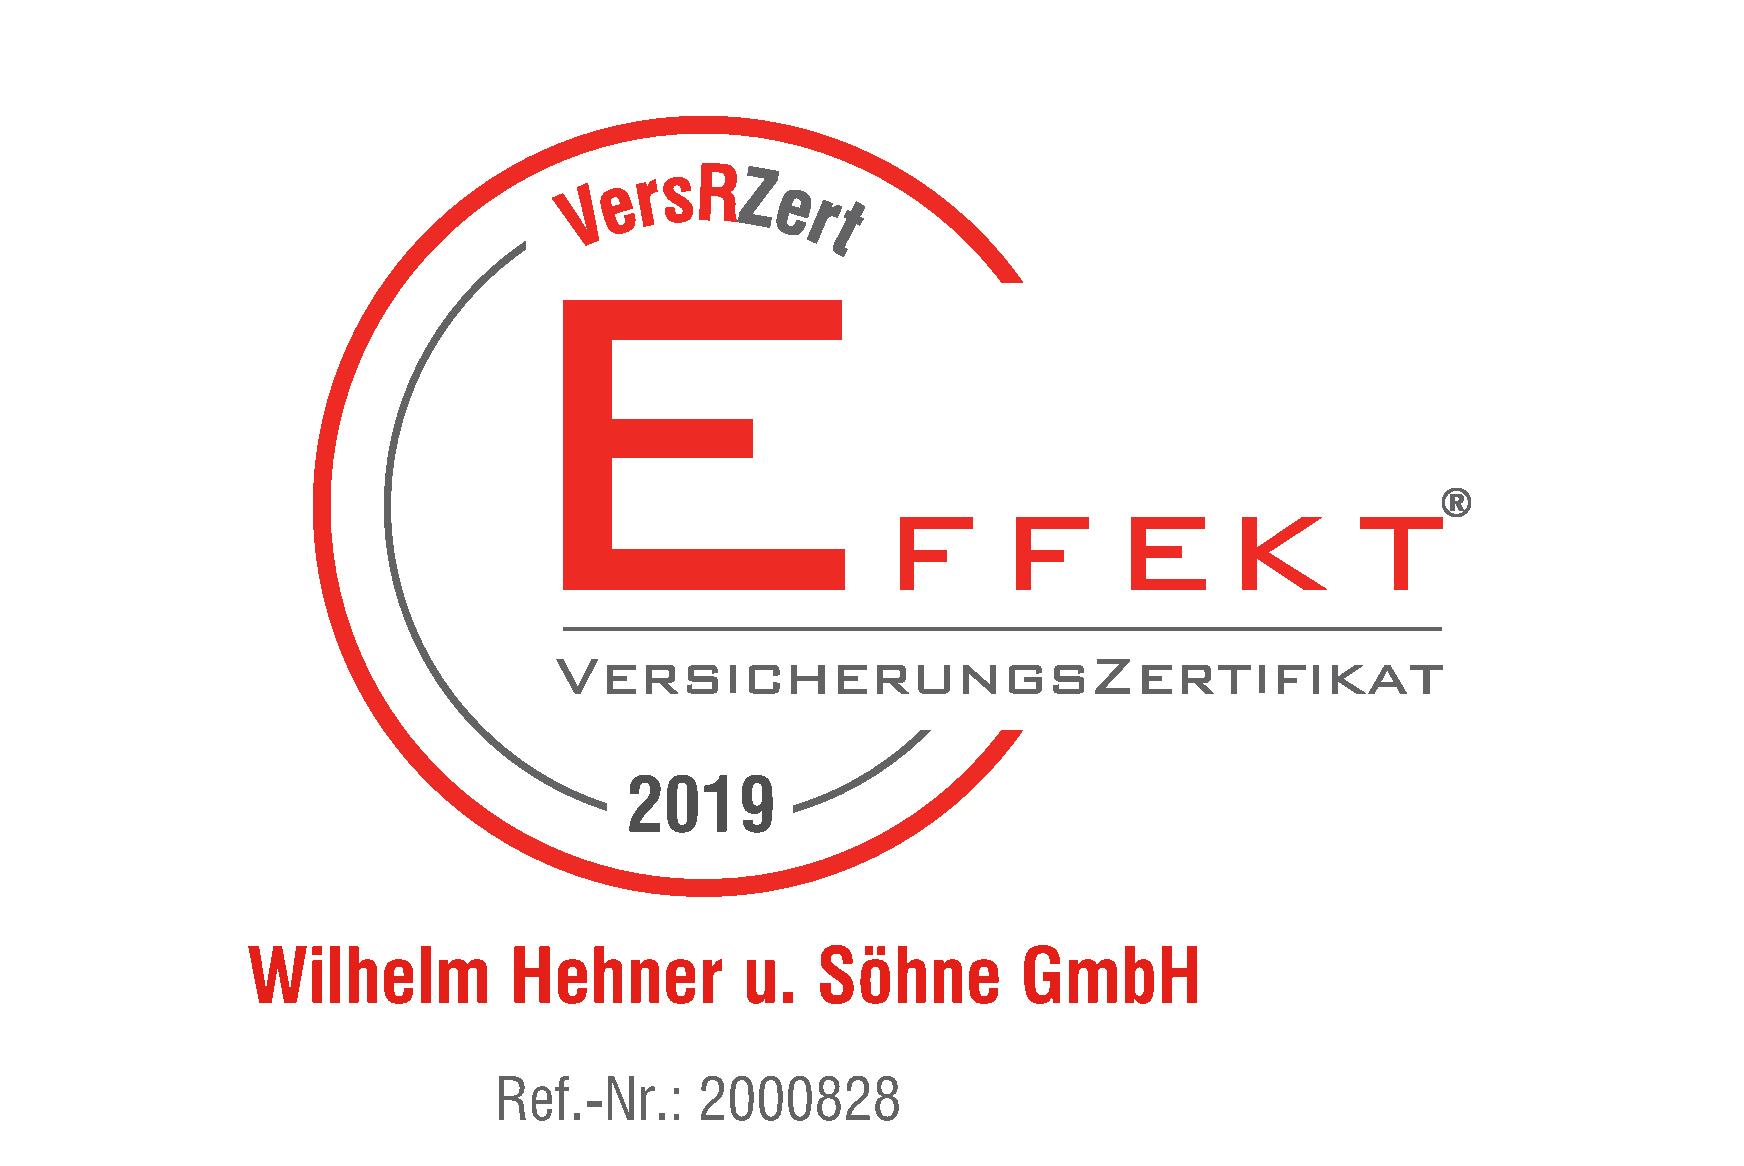 EFFEKT-VersRZert-Formular-1